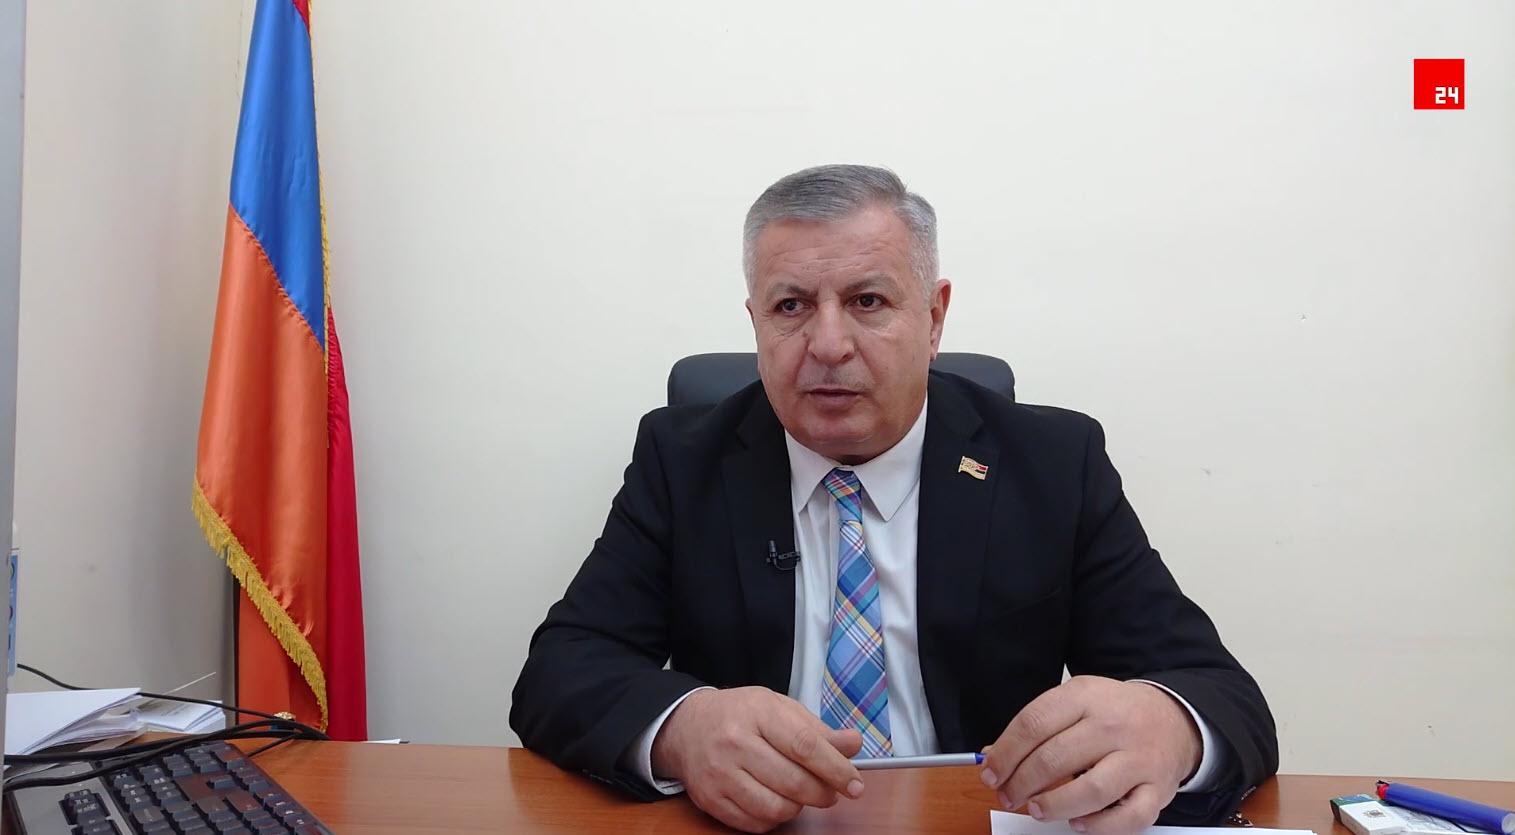 Սերգեյ Բագրատյան. Առողջապահությանը միտված օրենքները կարևոր են, բայց պետք է գործեն փուլային` կացնային օրենքները հաջողության չեն հասնում